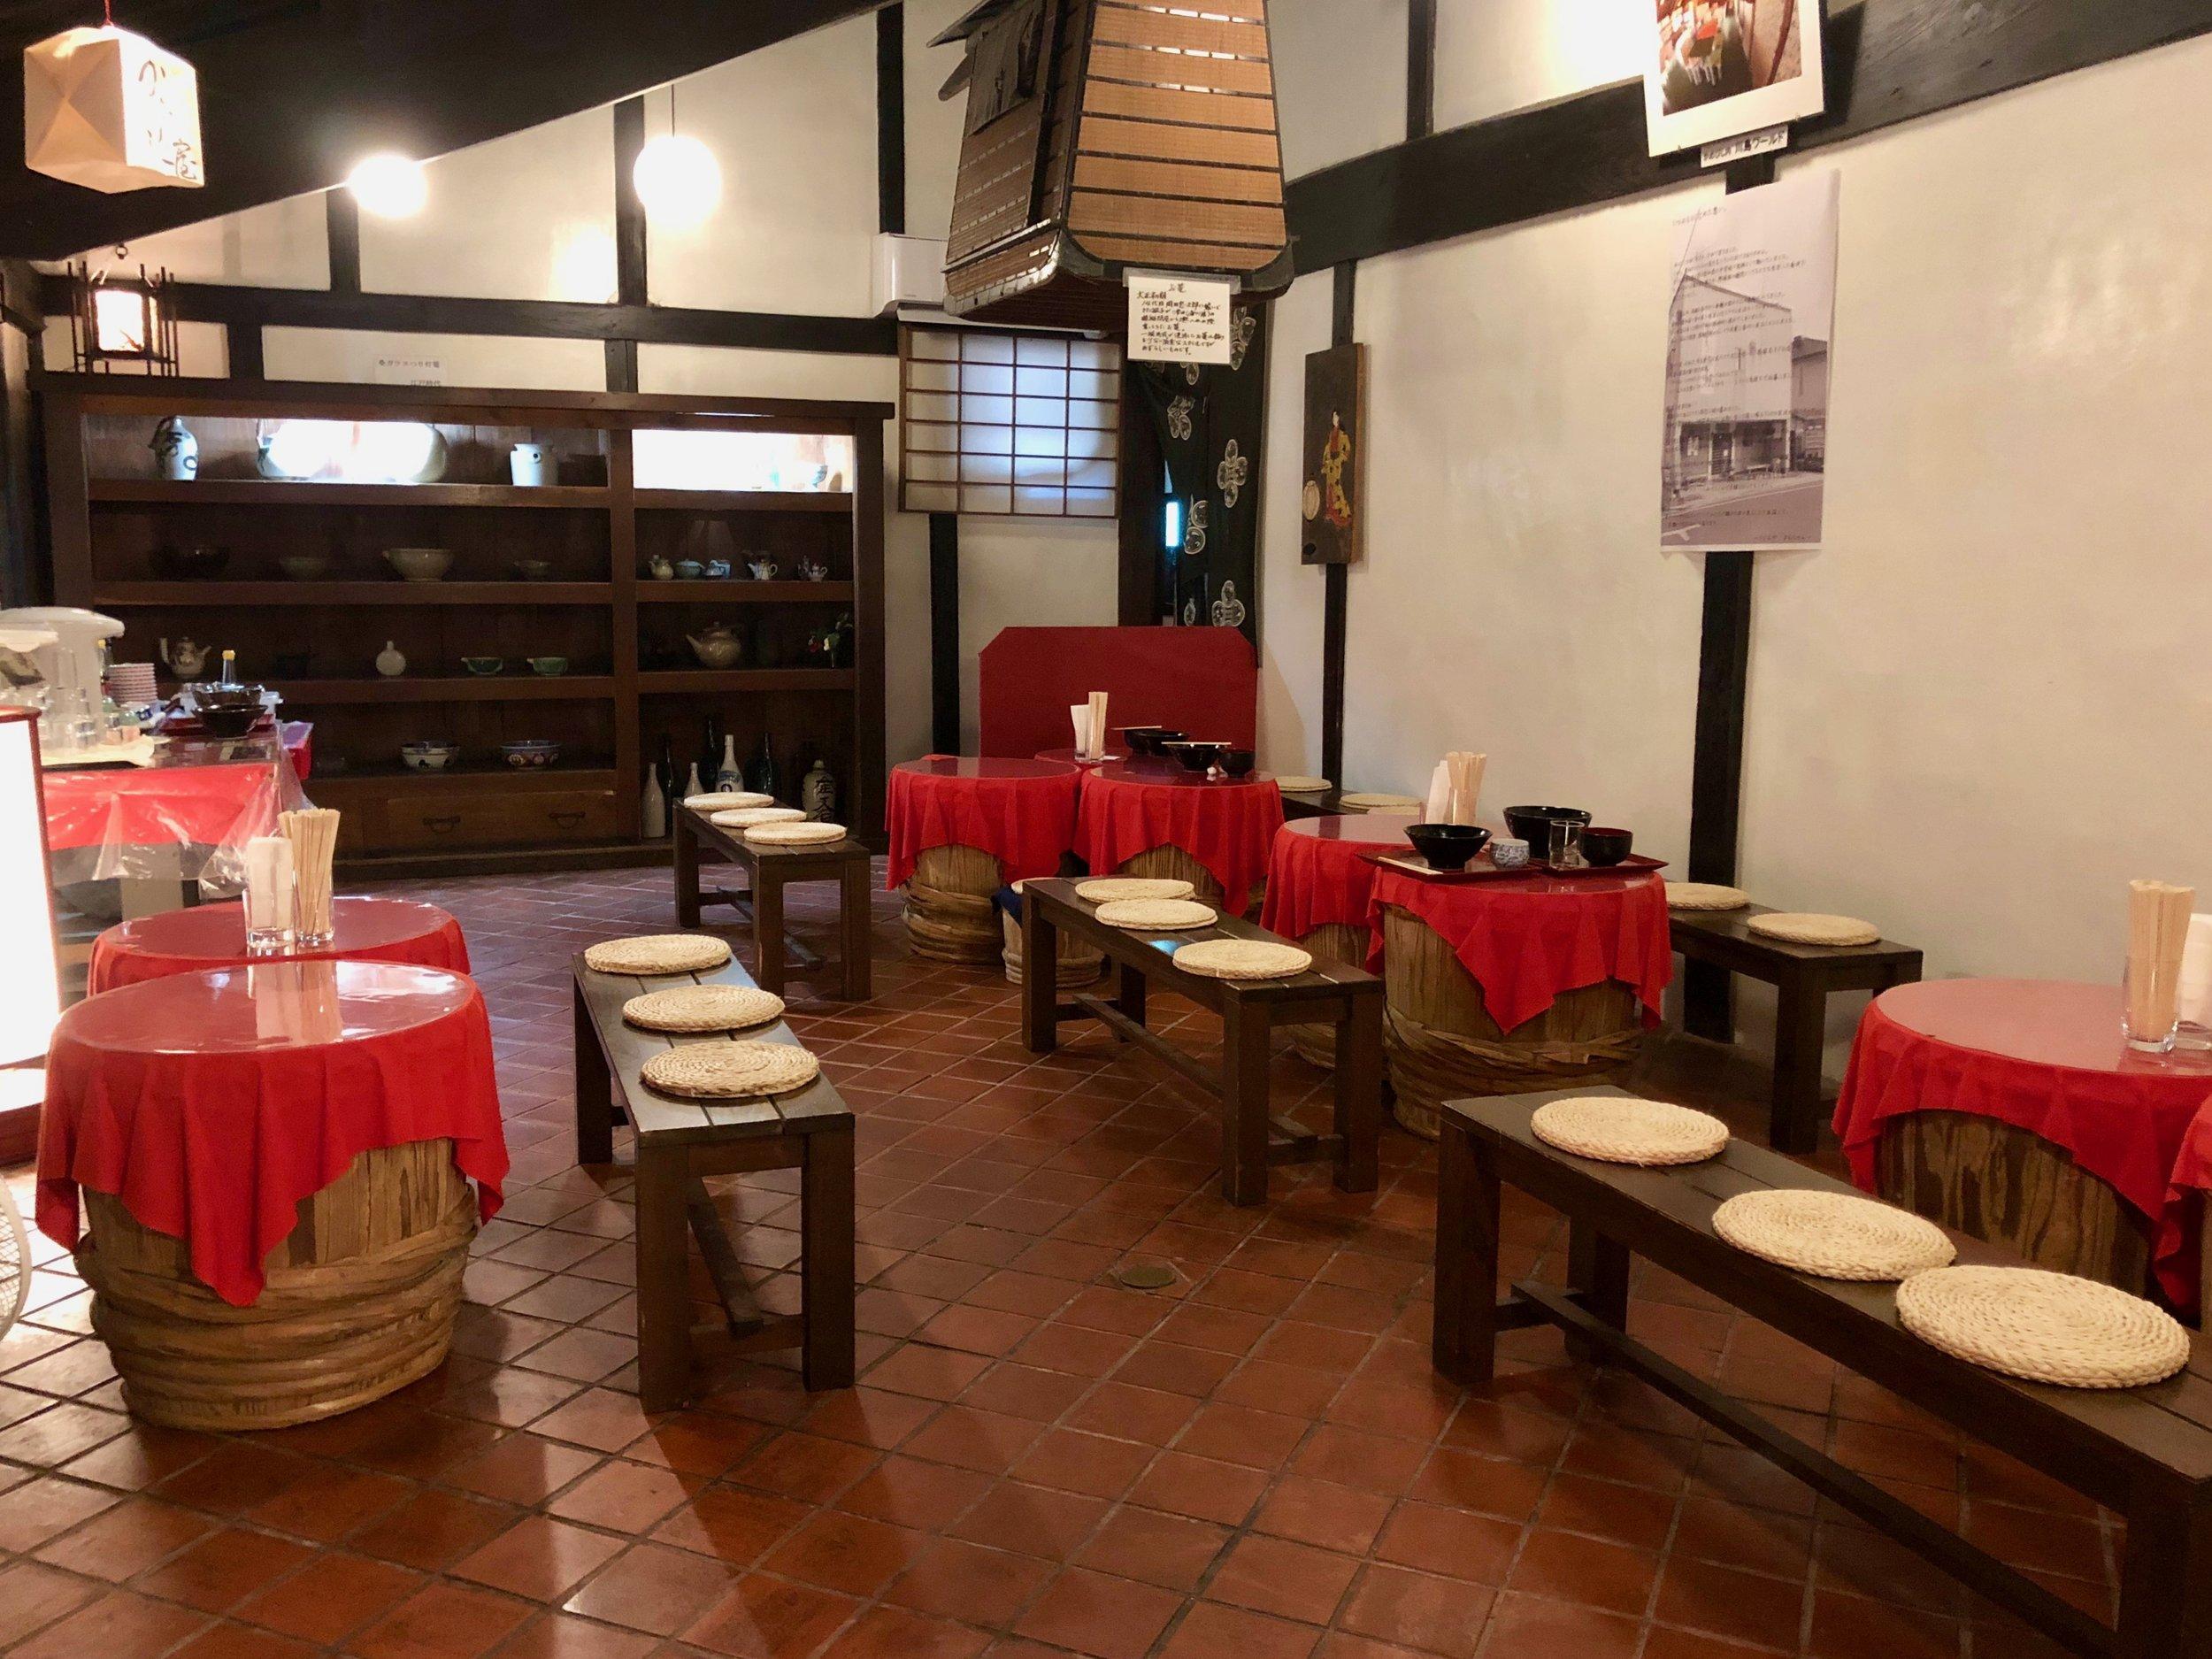 The cafe at Kamebishiya.